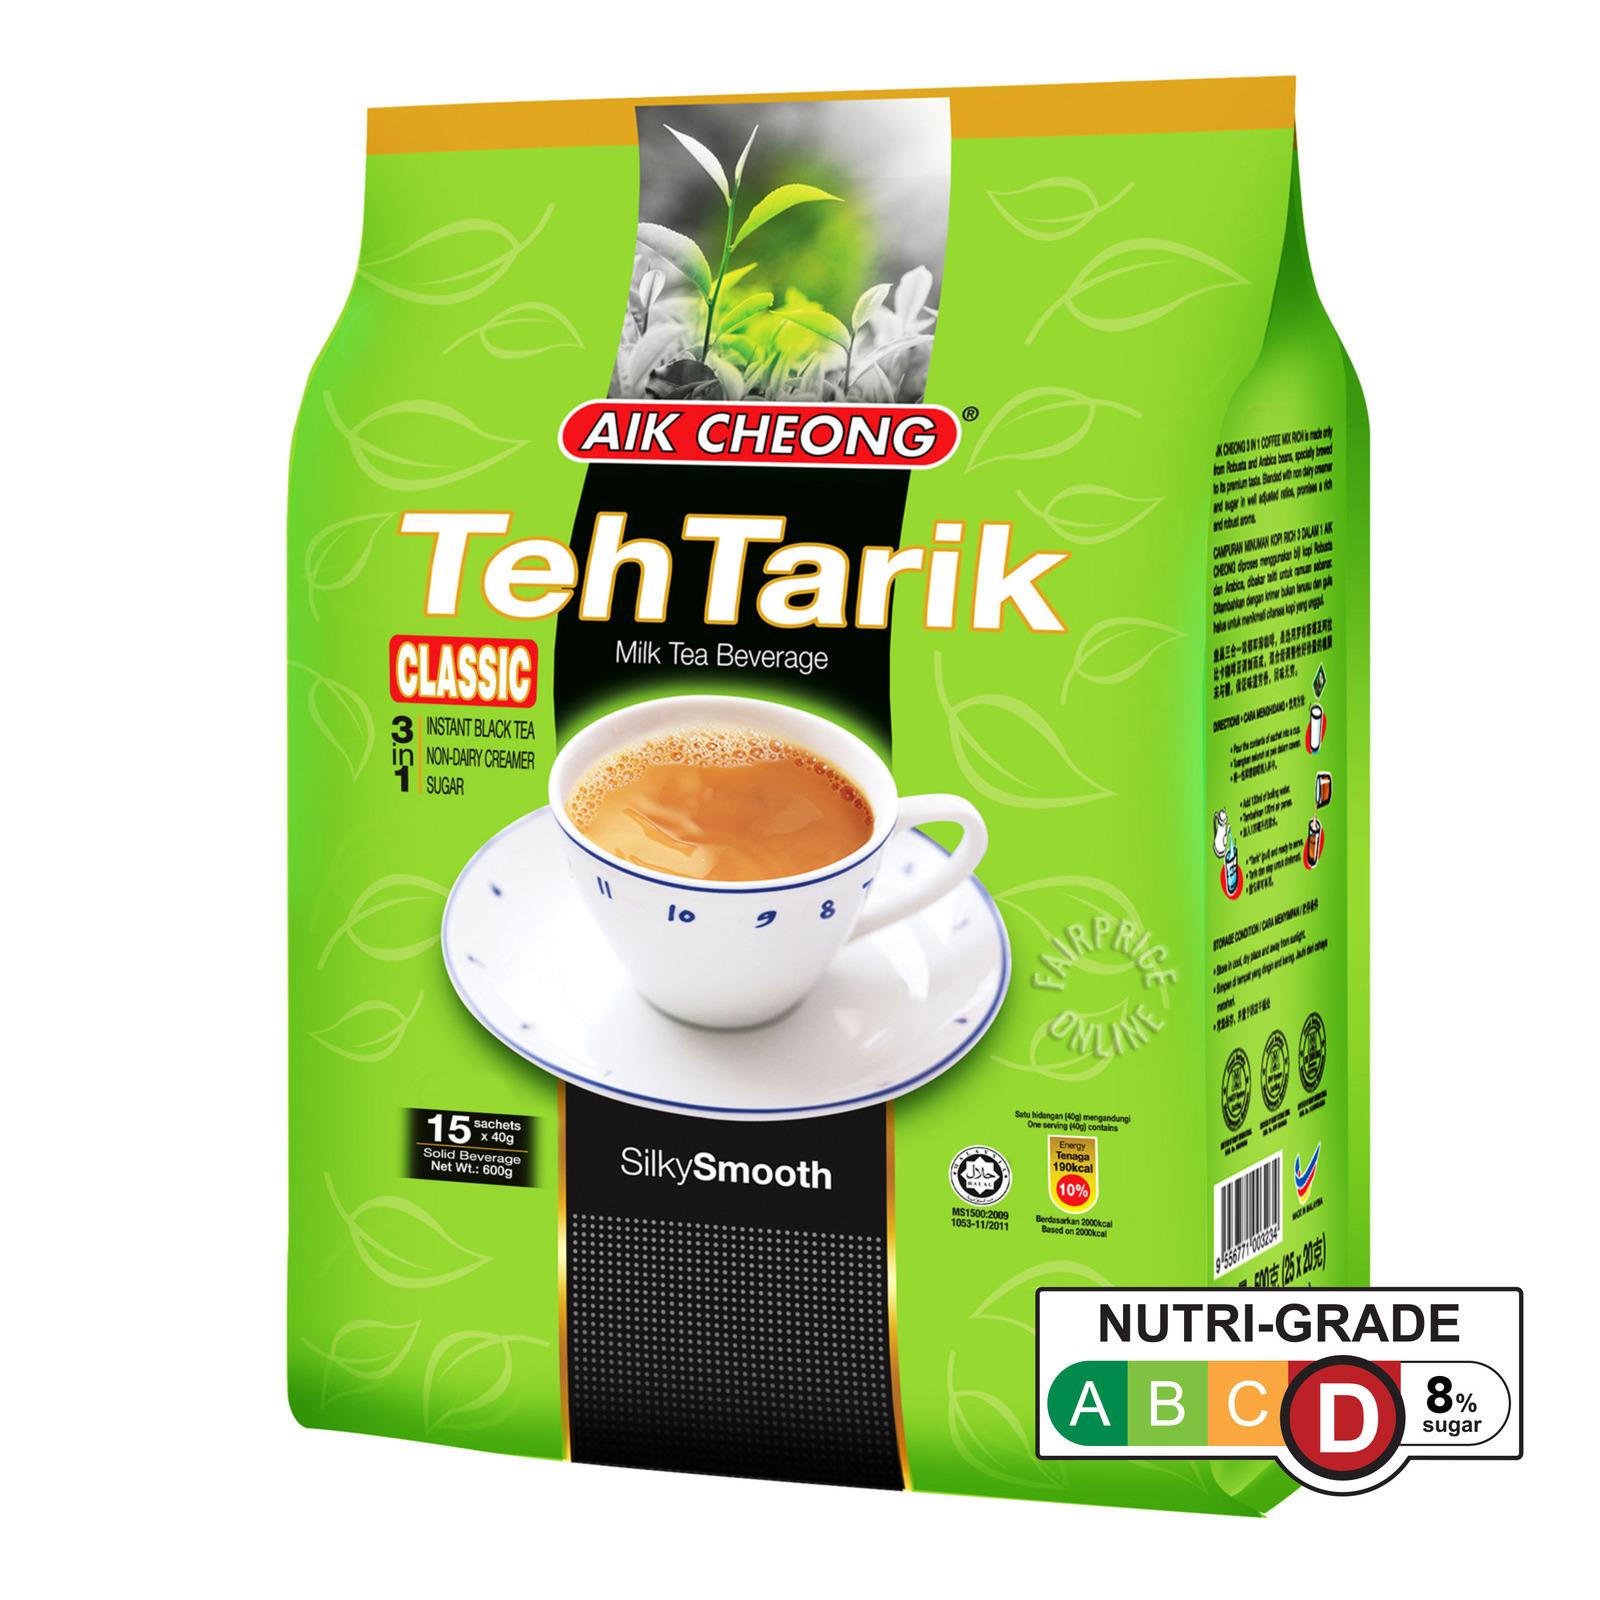 Aik Cheong Instant Milk Tea - Teh Tarik